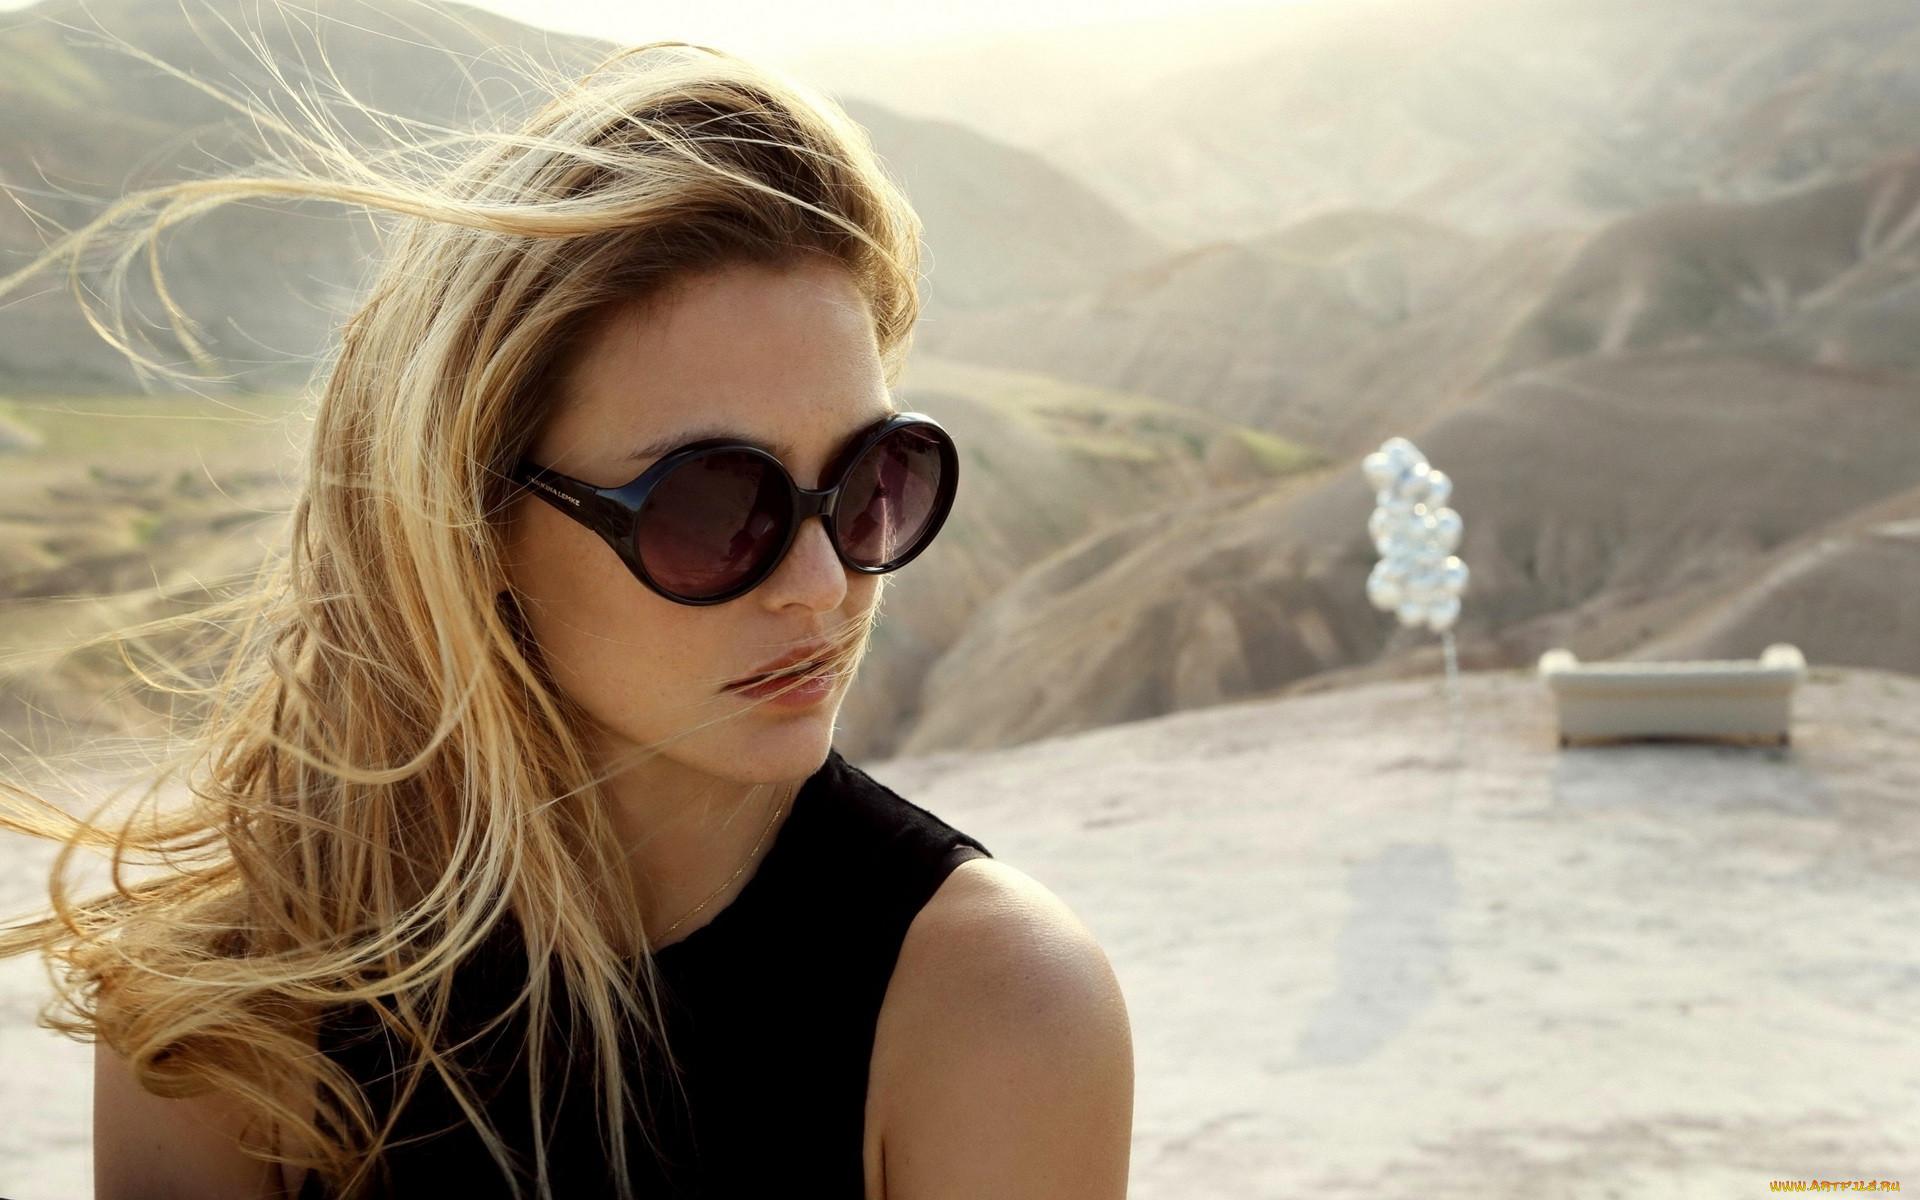 девушки, bar rafaeli, модель, блондинка, лицо, очки, горы, ветер